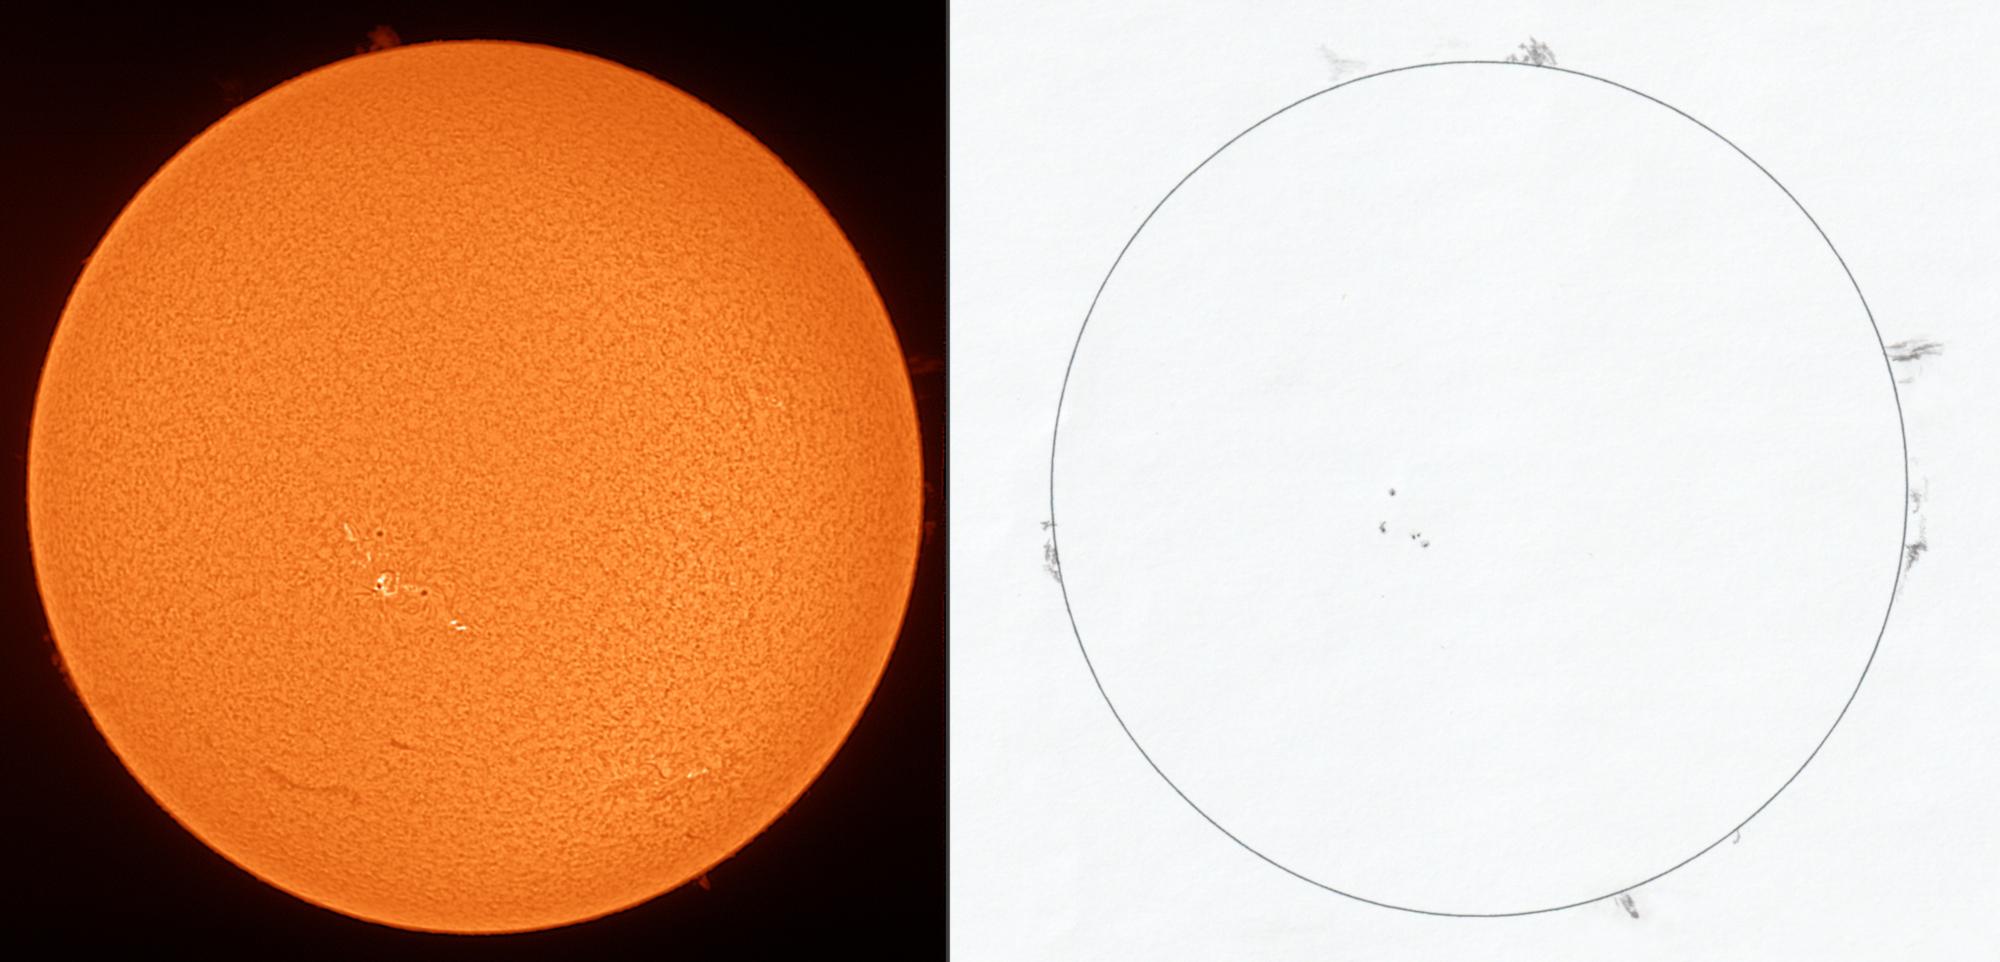 Sonne H alpha - Vergleich